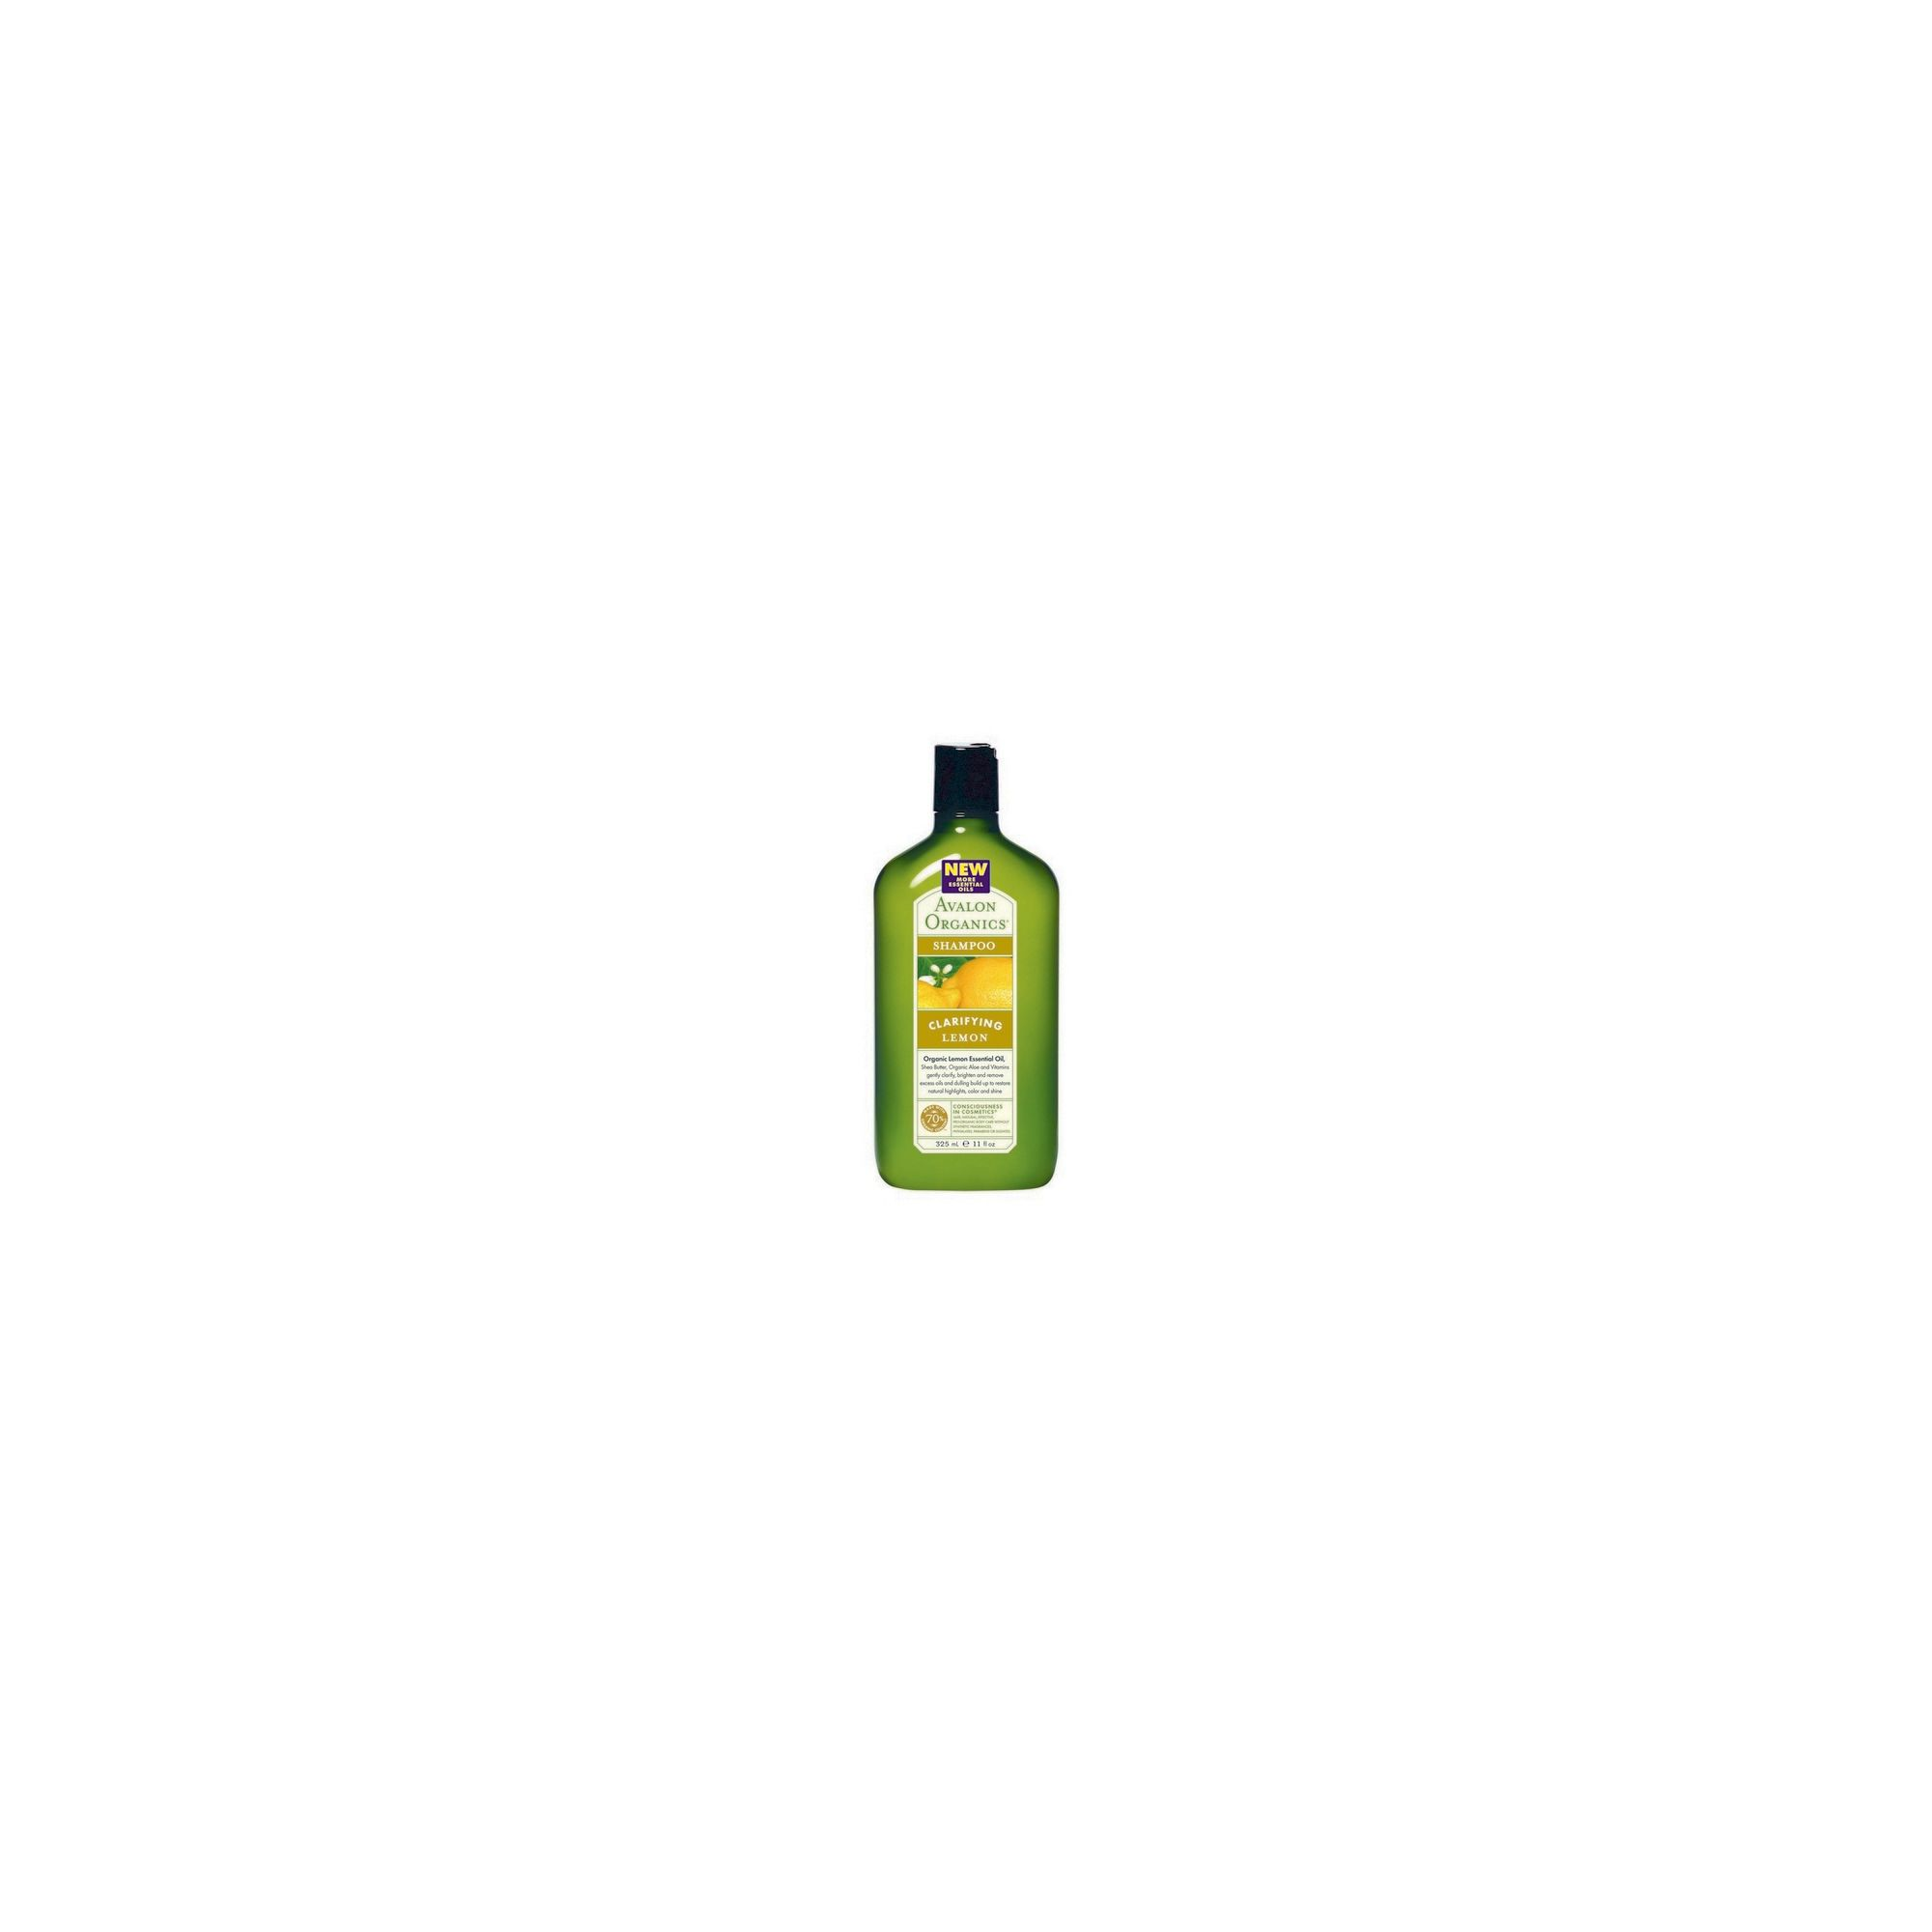 Lemon Clarifying Shampoo